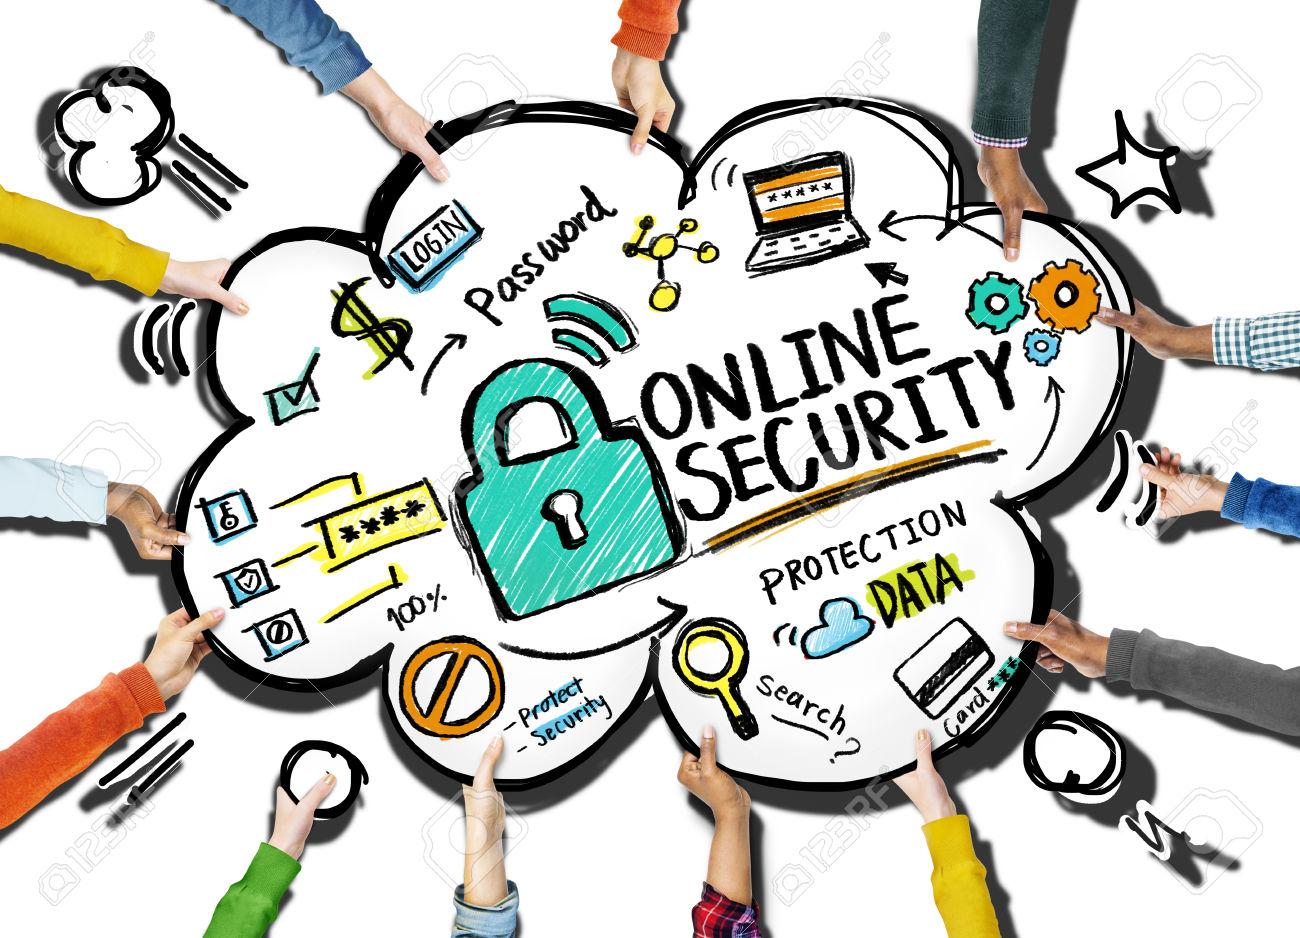 Как защитить свои данные от воровства по сети